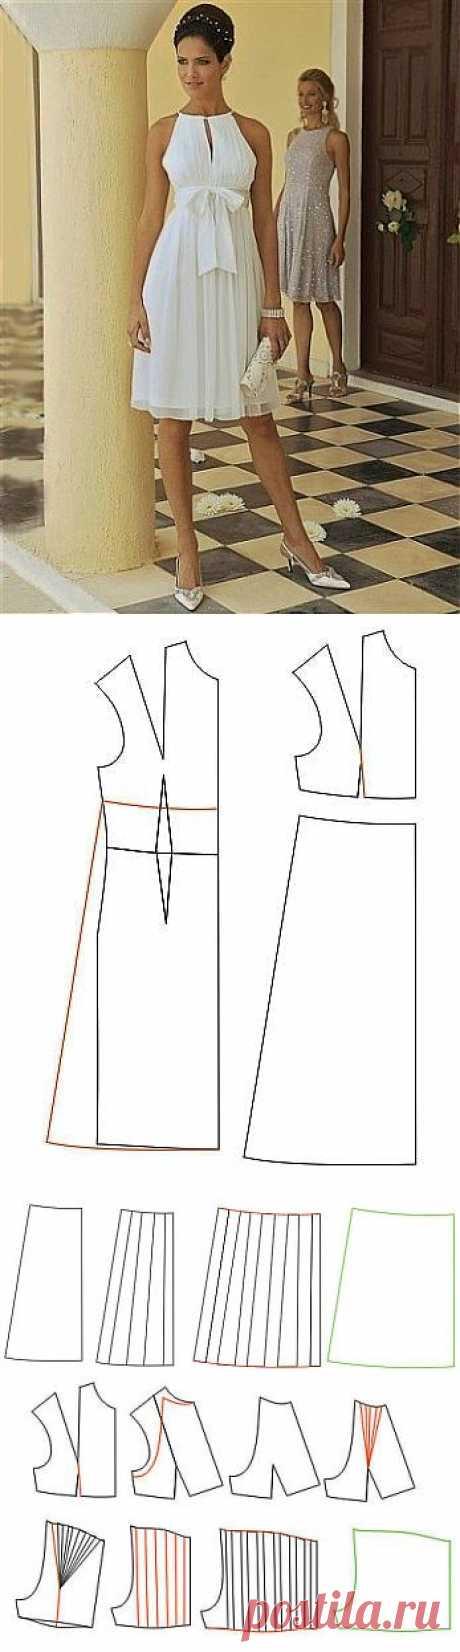 Шьем платье к лету. Выкройка | Умелые ручки